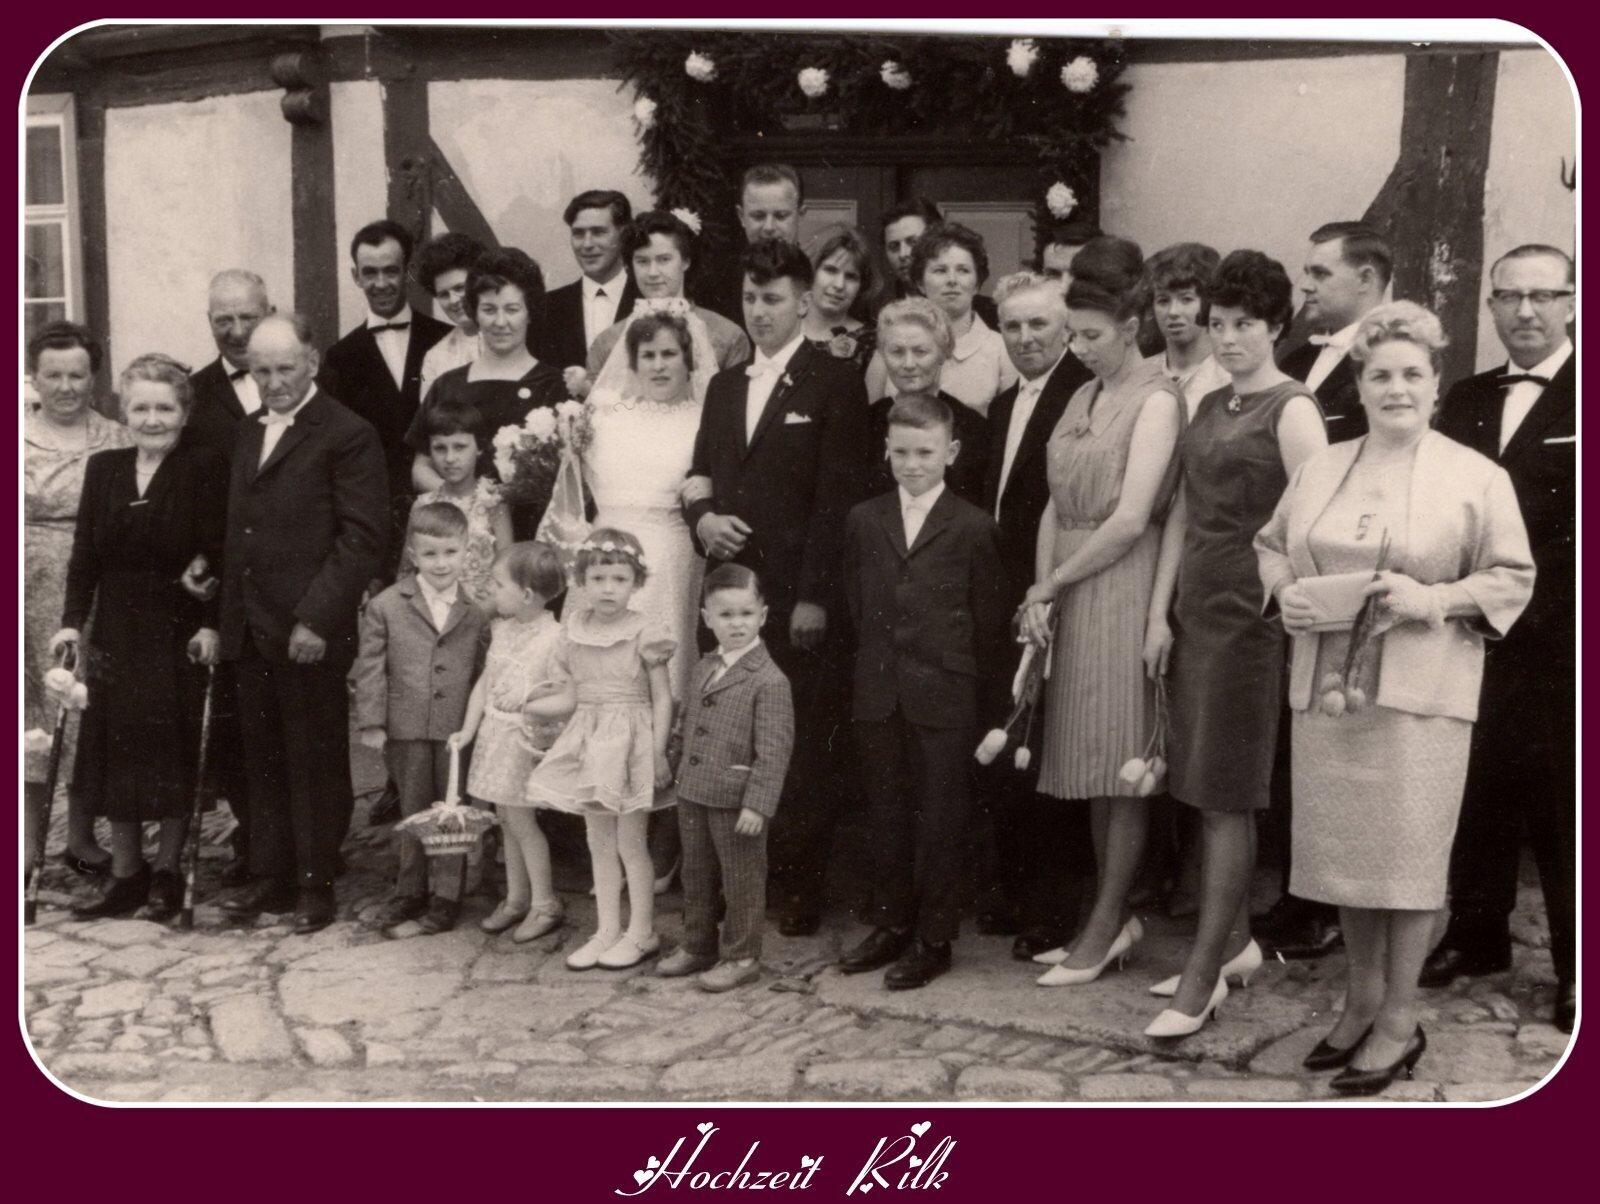 Hochzeit Rilk